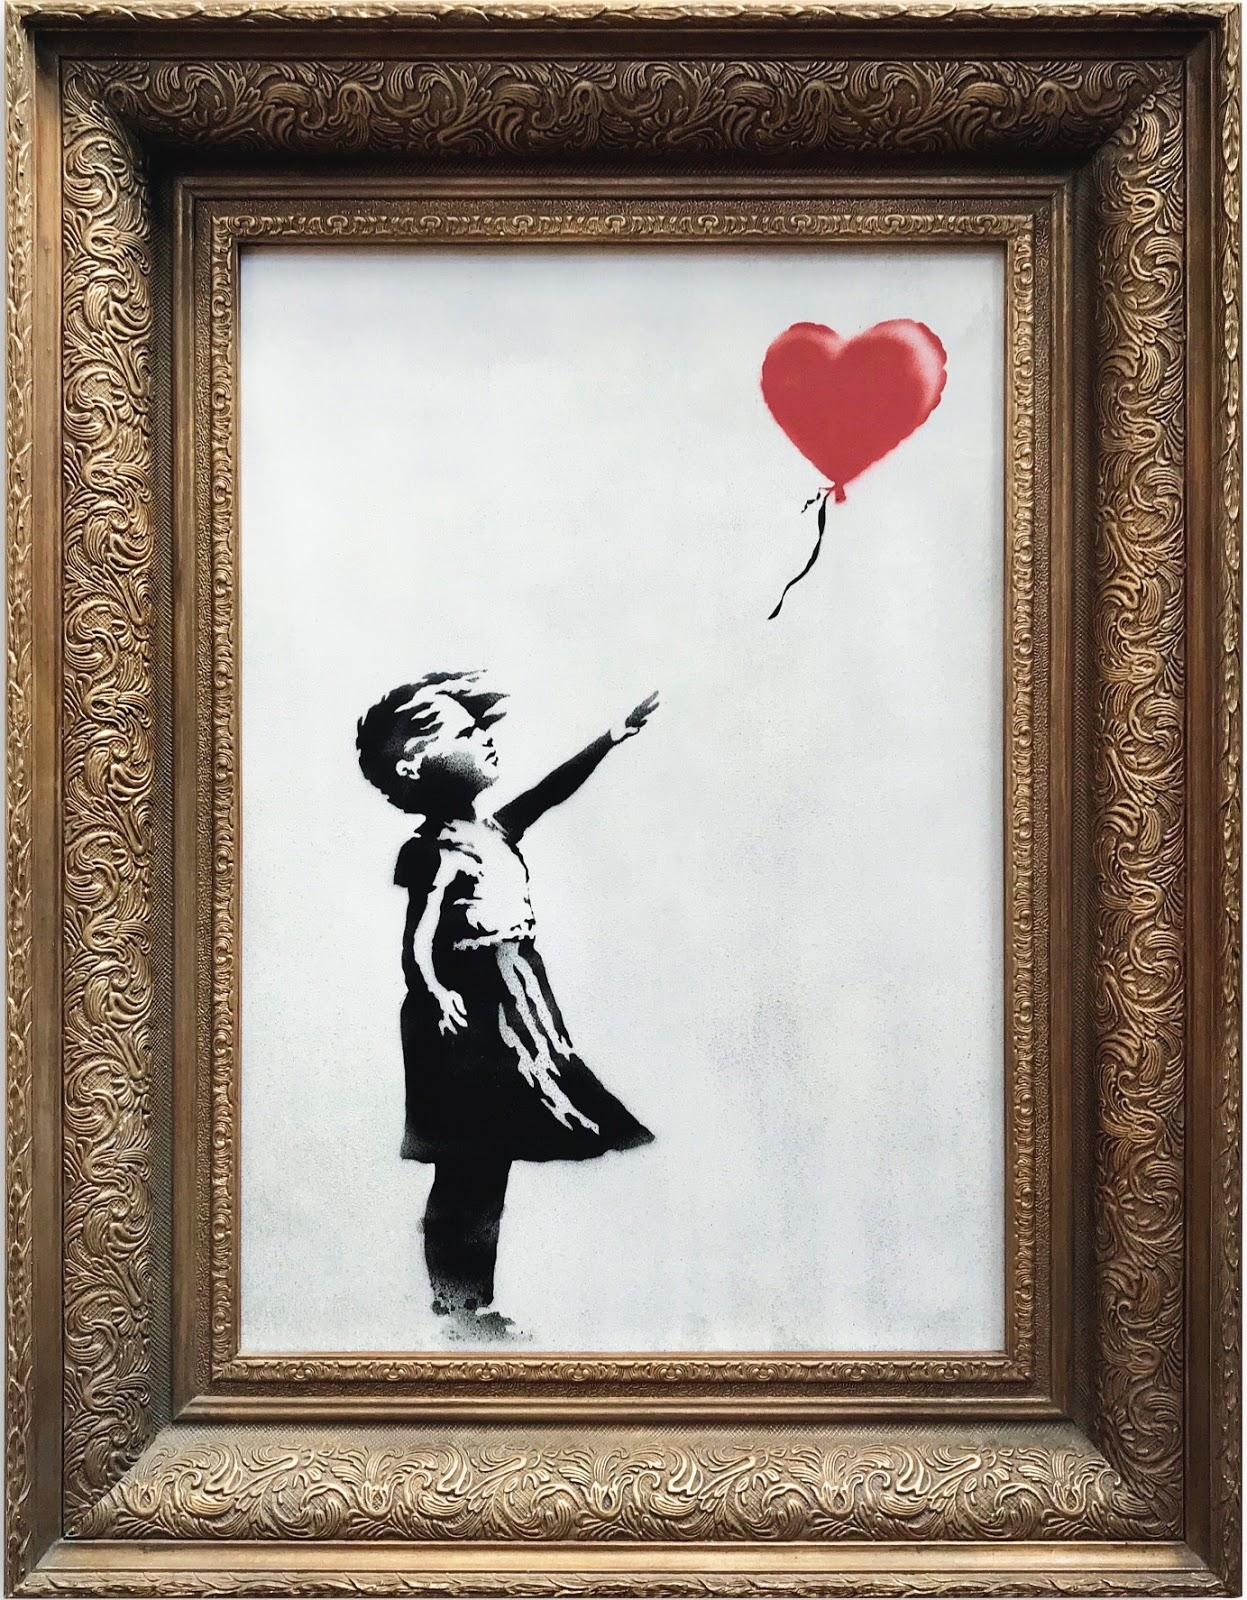 La Petite Fille Au Ballon Analyse : petite, fille, ballon, analyse, Voir:, N°232, Fille, Ballon, (L'amour, Poubelle), (2006)Banksy